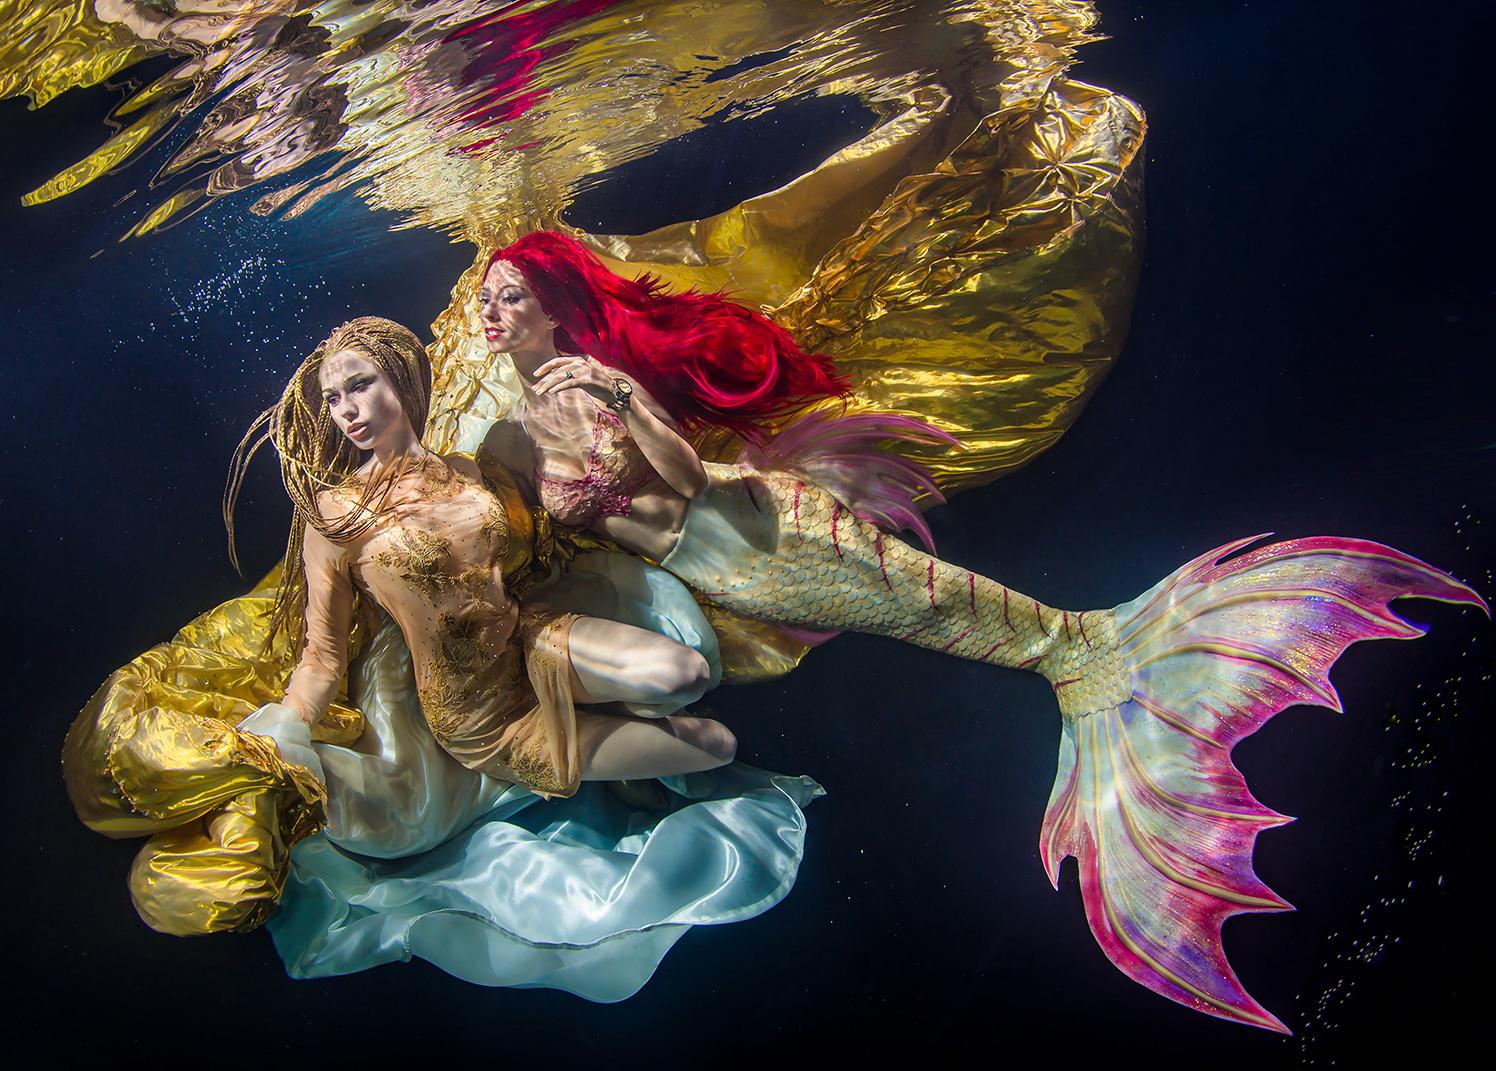 (C) Fotograf: Konstantin Killer, Model: Katrin Gray, Model: Delia, Unterwasser Shooting